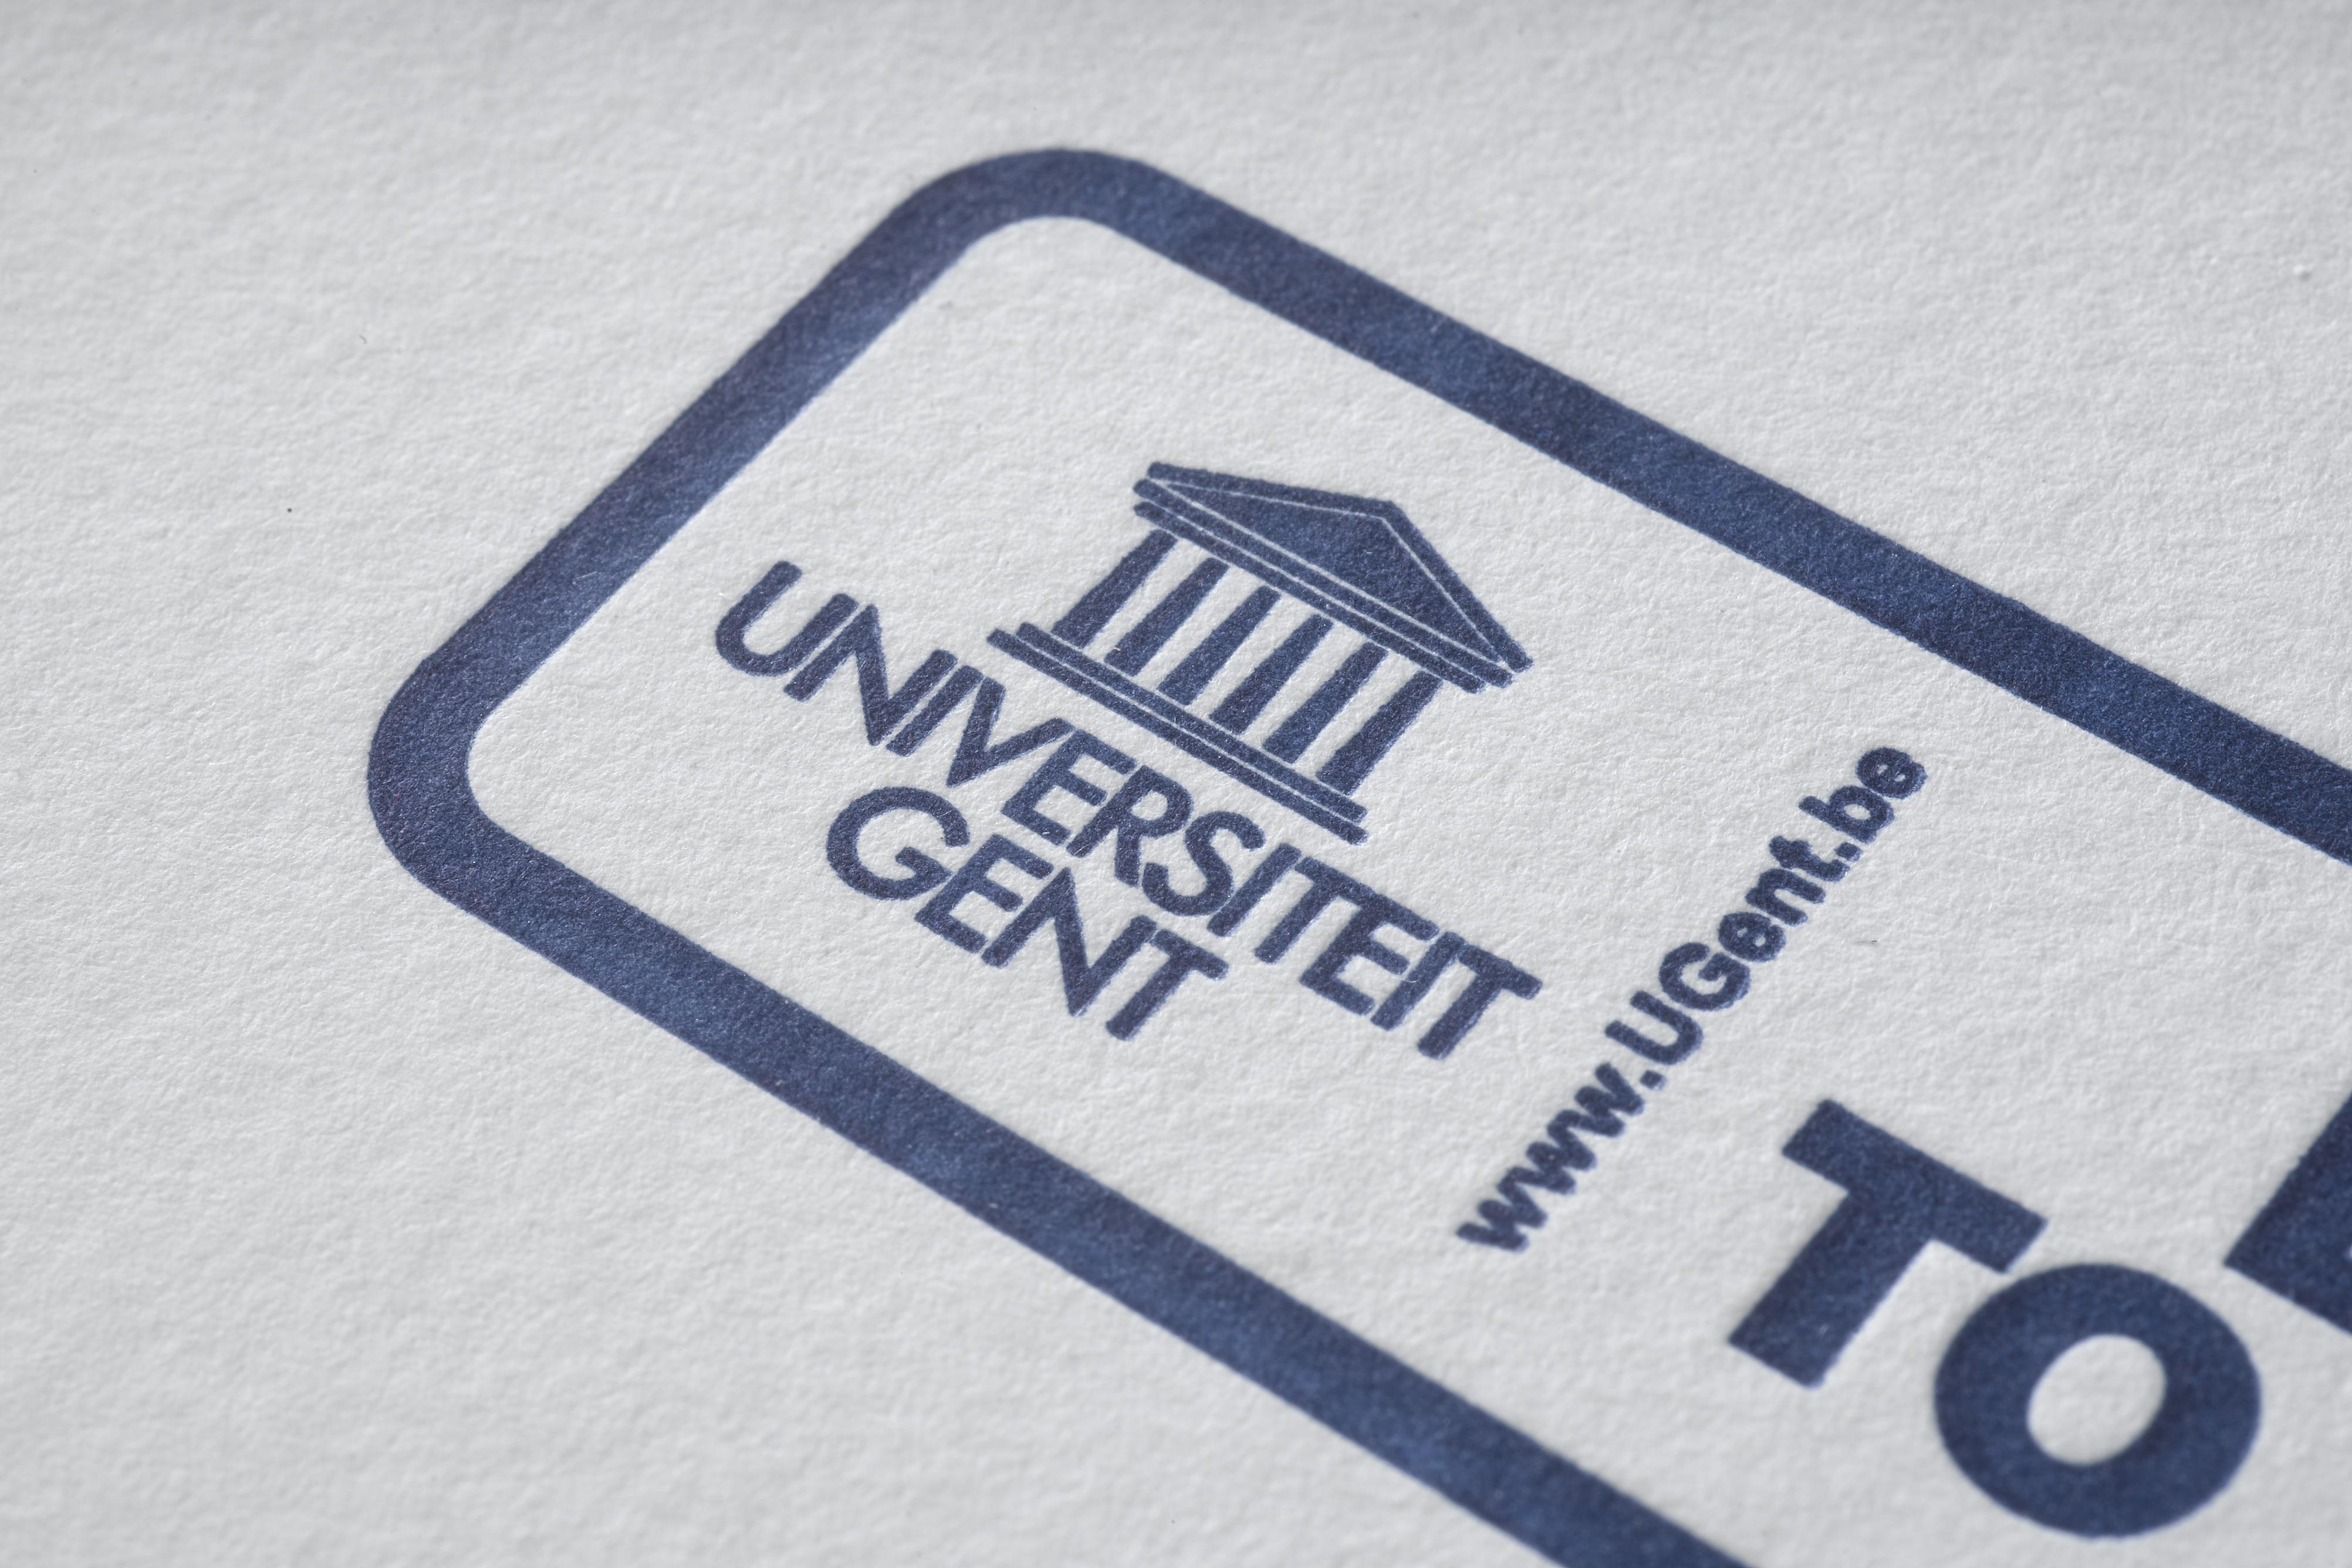 Universiteit GentDrukwerk in huisstijl